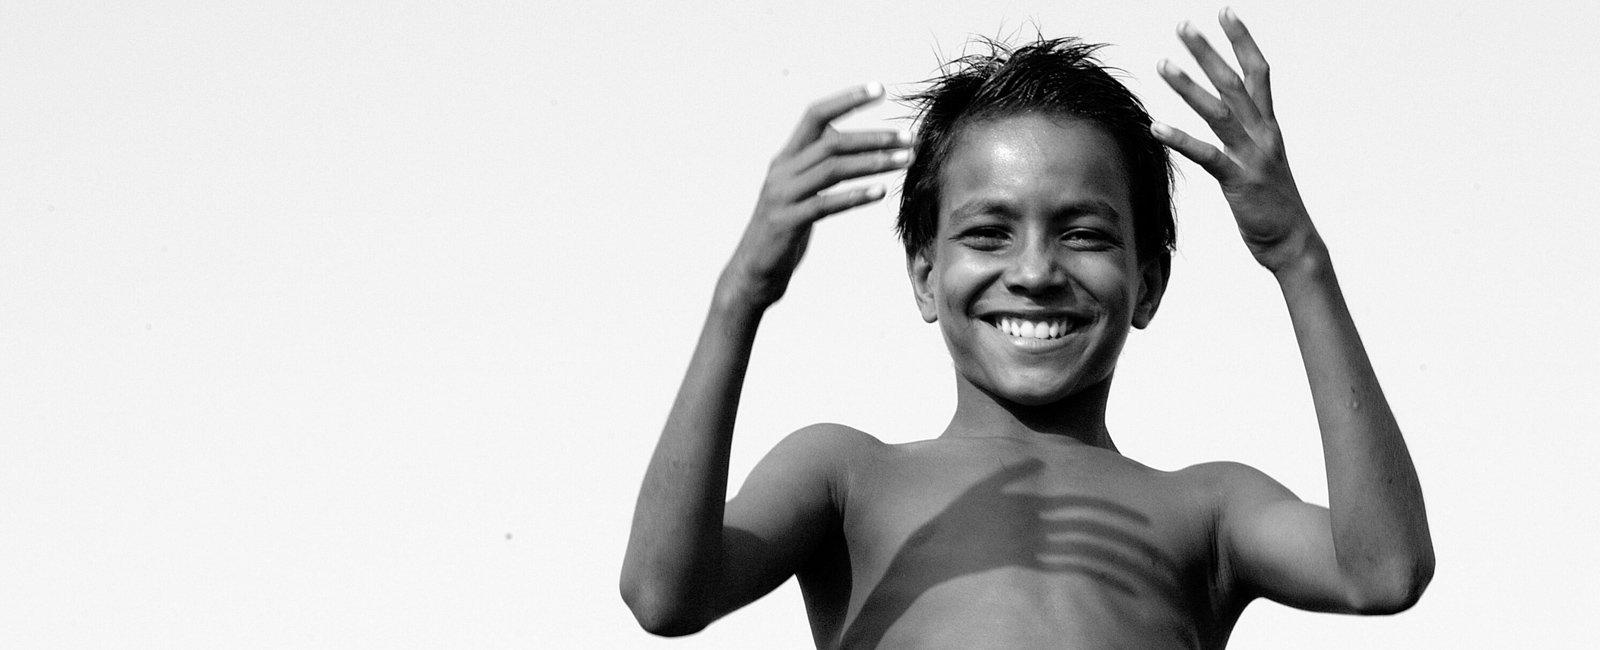 Storie di sorrisi ritrovati